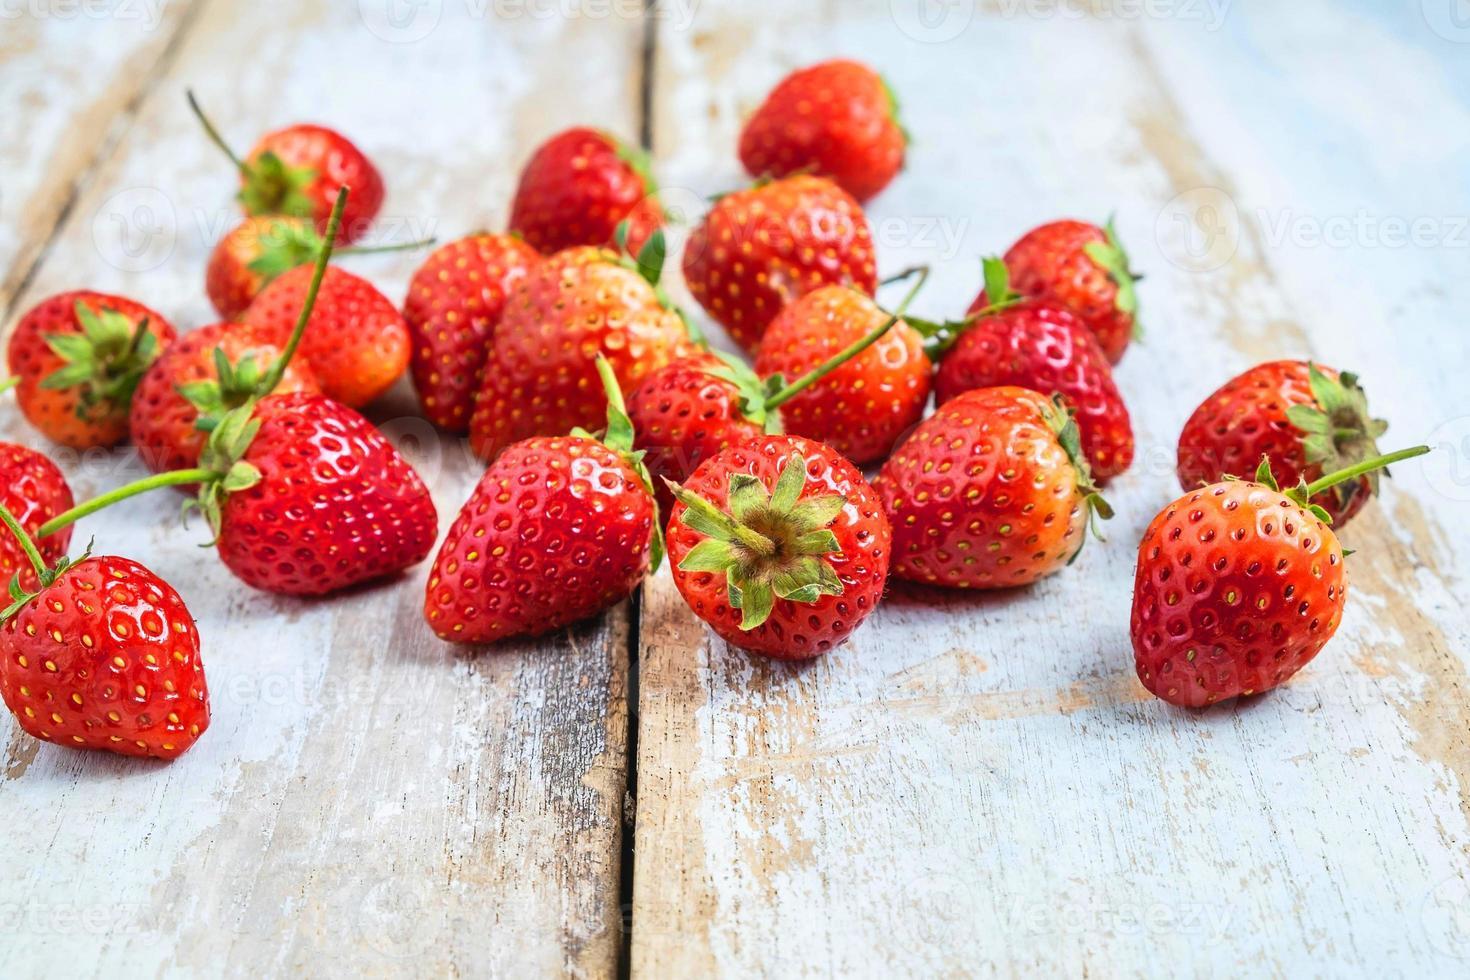 verse aardbeien op een houten tafel foto